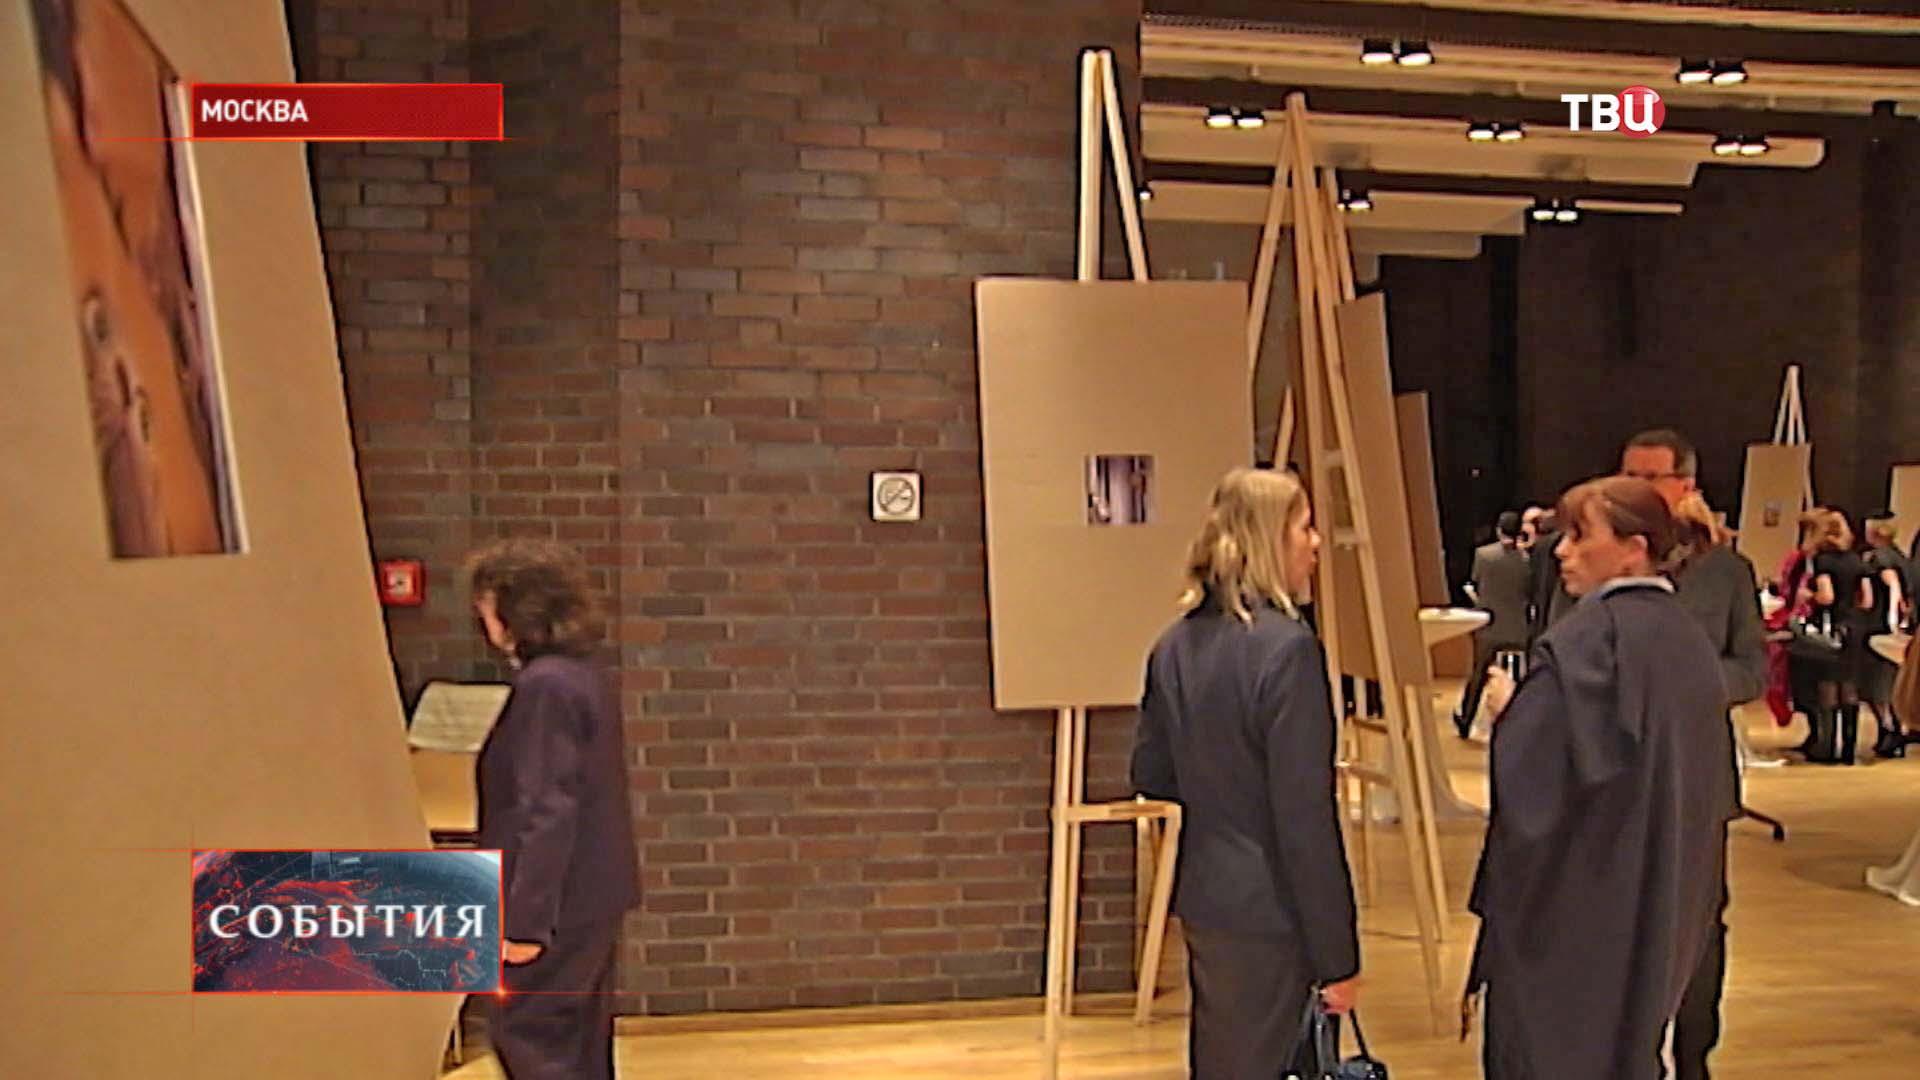 Выставка, посвященная 25-летию падения Берлинской стены